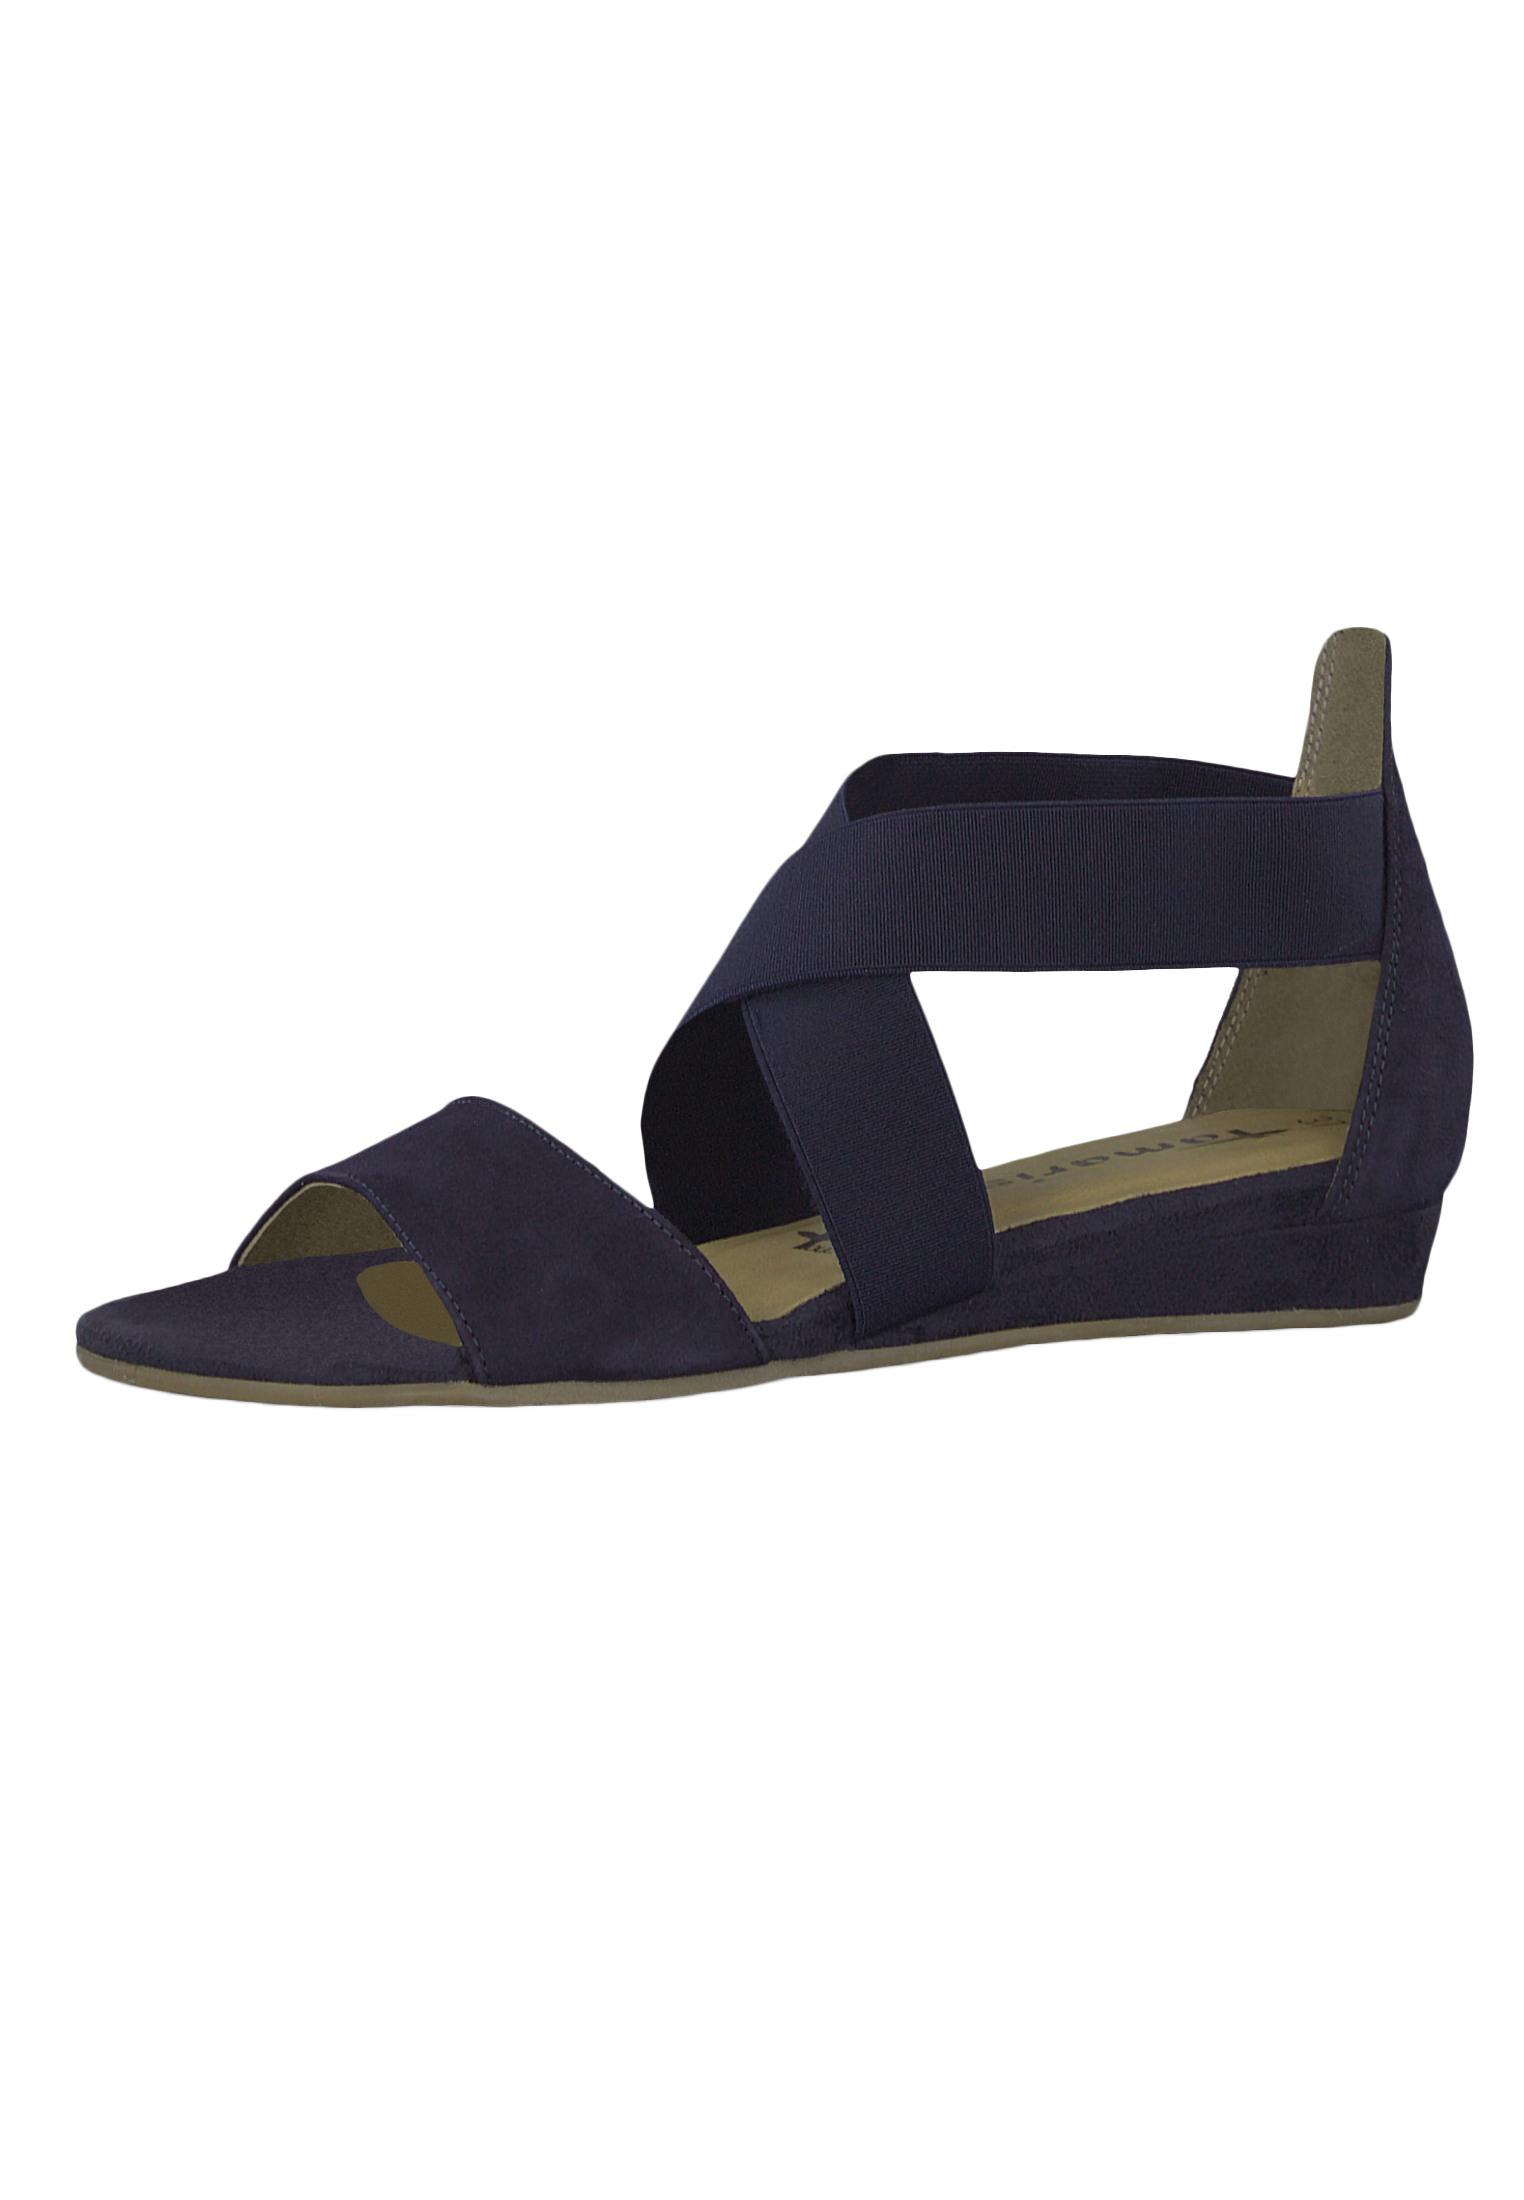 Sandalen von Tamaris in Blau für Damen